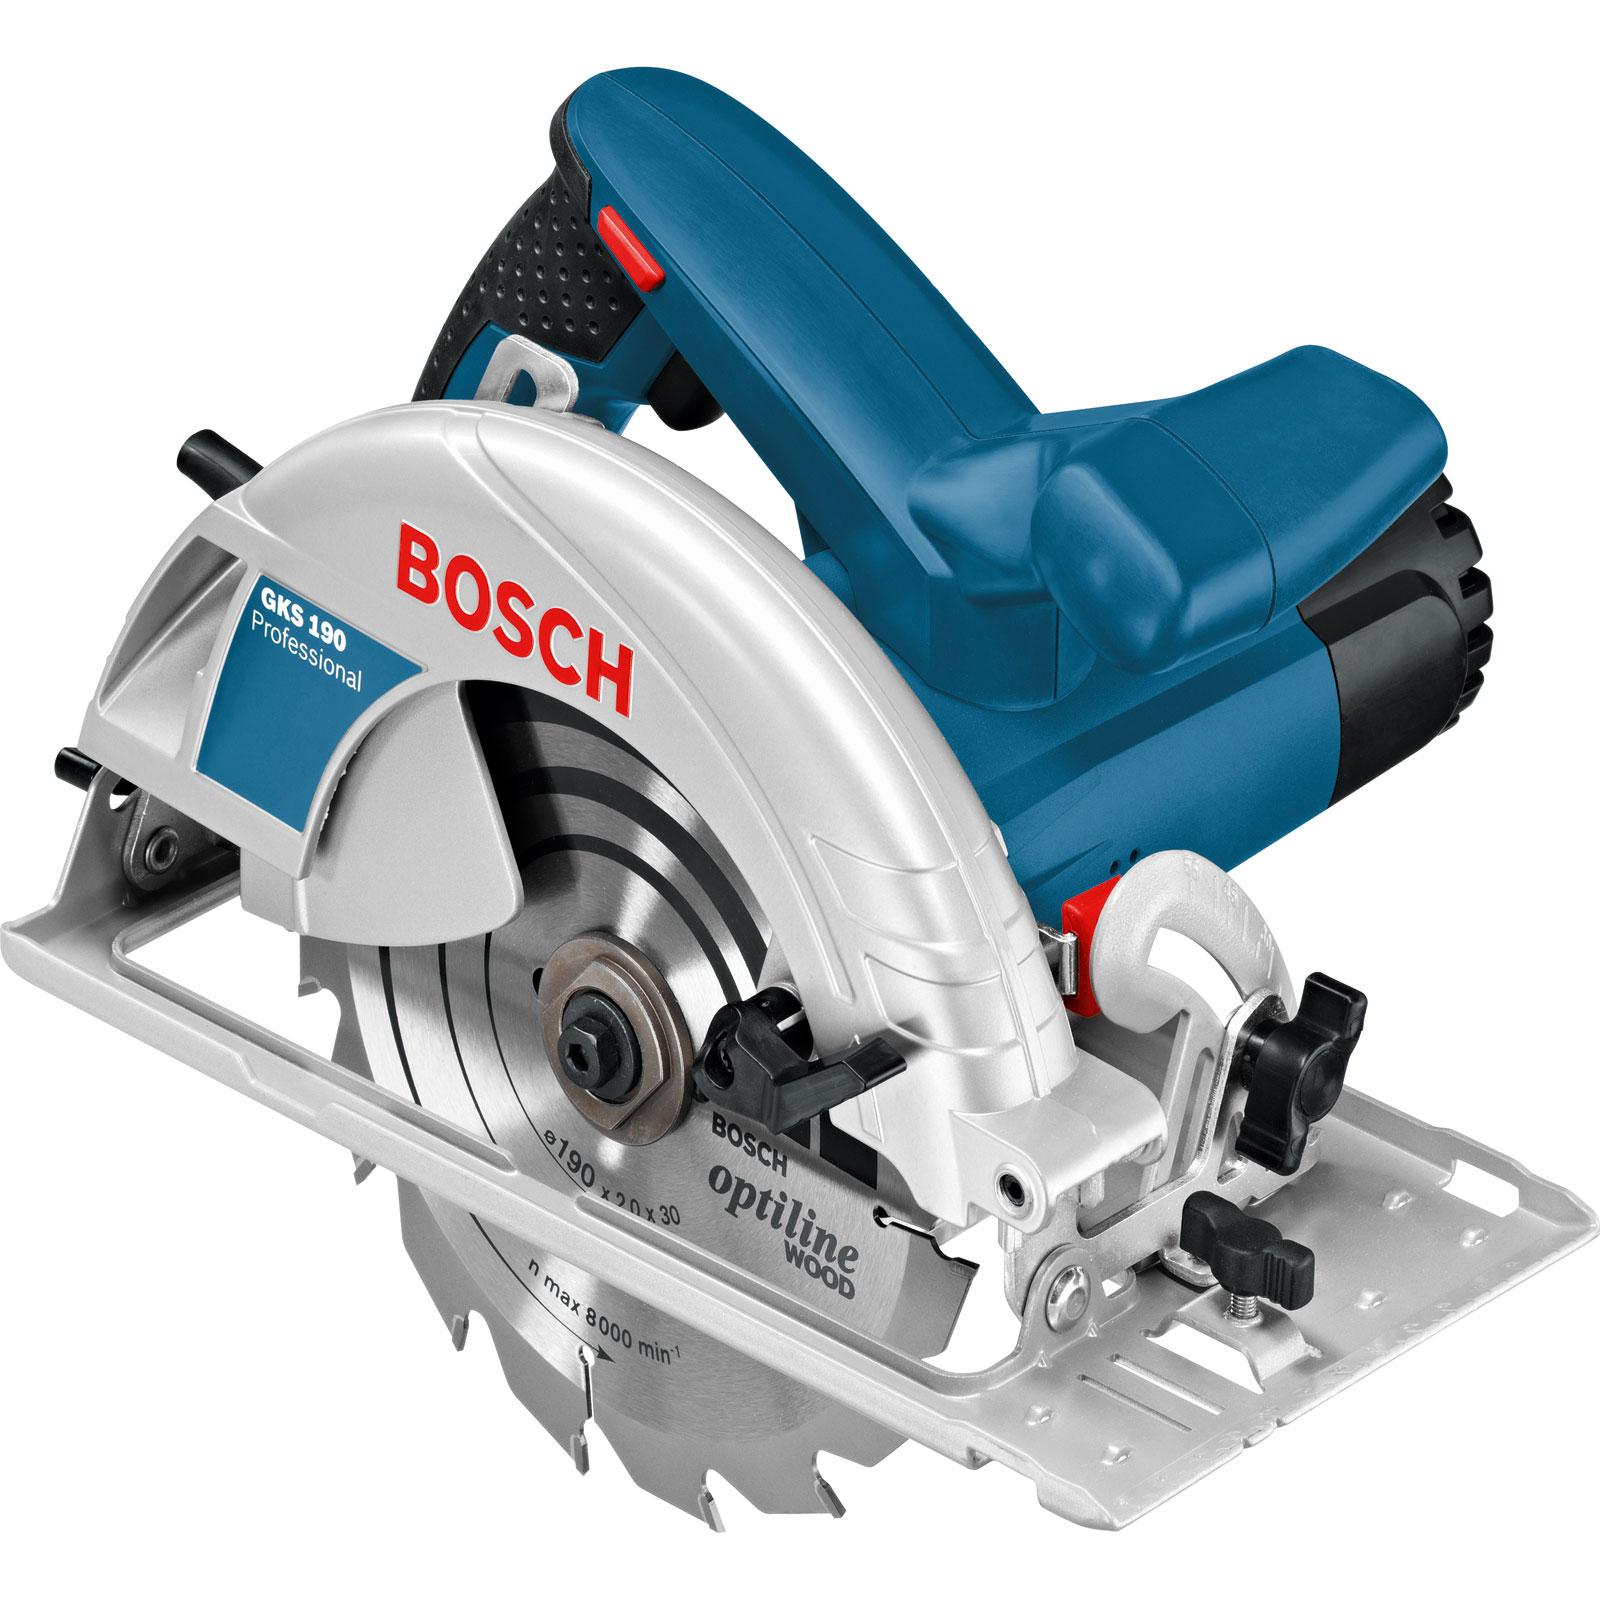 Fotografie Fierastrau circular Bosch Professional GKS 190, 1400 W, 5500 RPM, 190 mm diametru panza, accesorii incluse